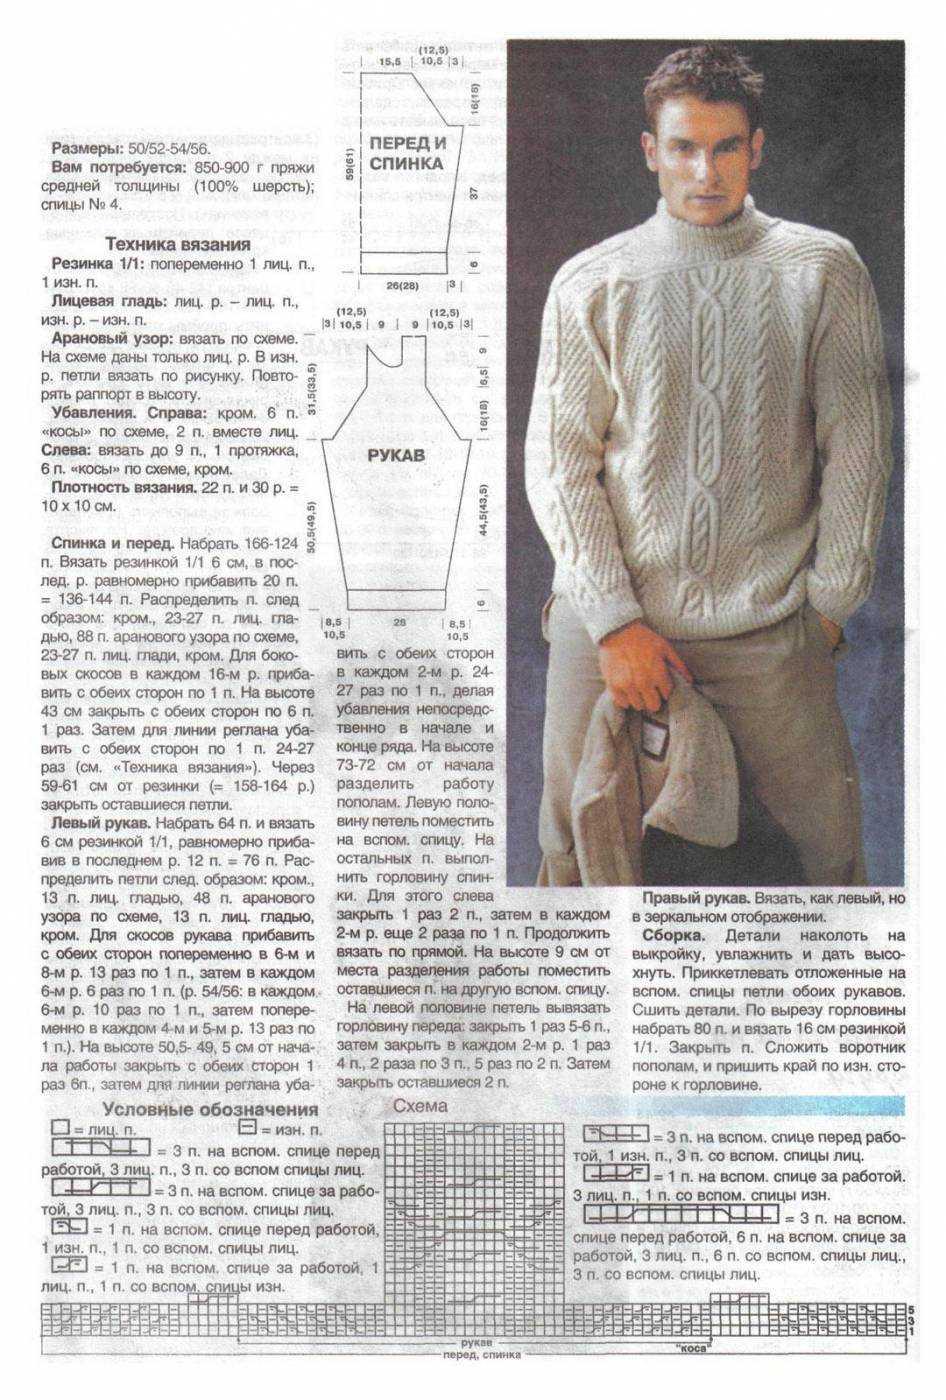 Вязание спицами образцов для мужчин